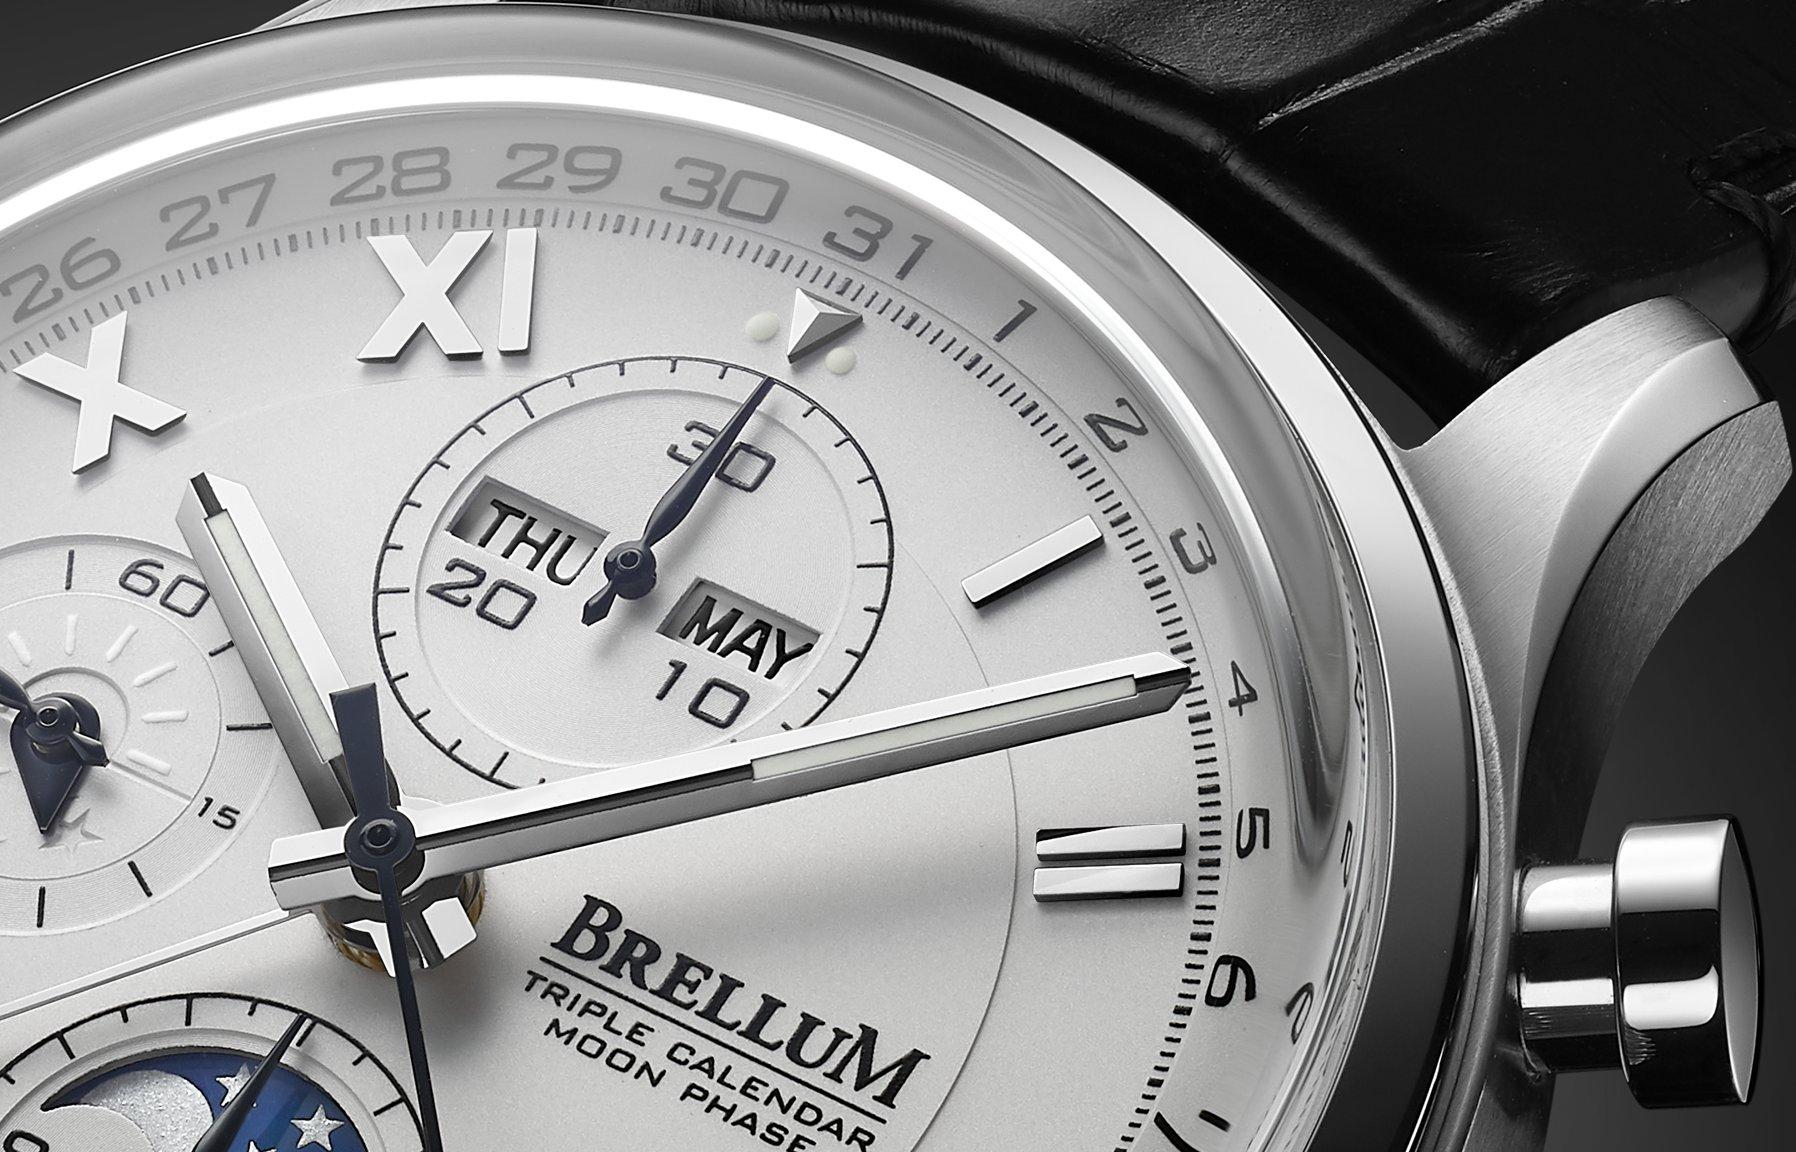 Brellum Duobox Classic LE.4 Chronometer